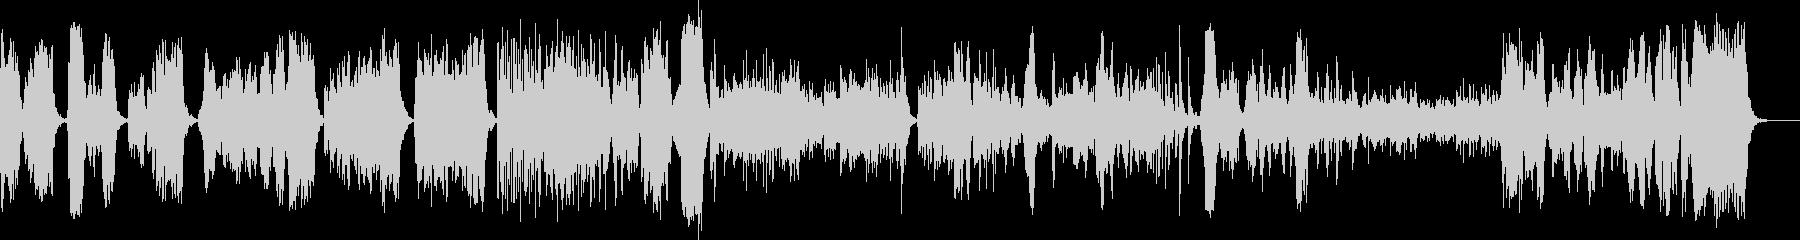 トッカータとフーガ・バイオリンソロの未再生の波形